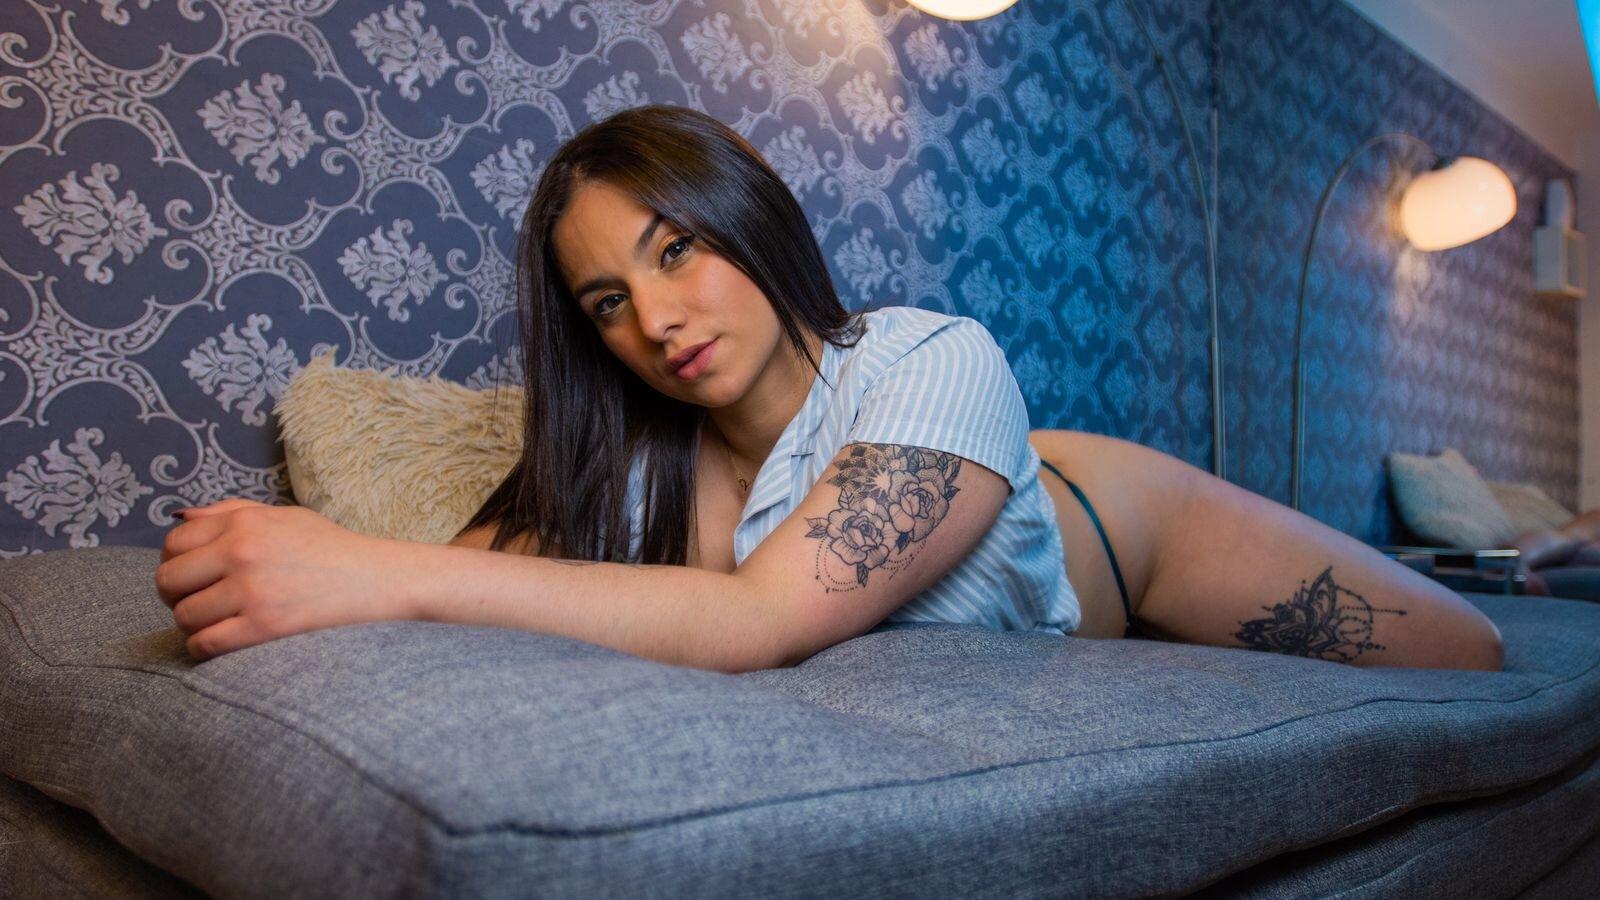 MelissaGardener